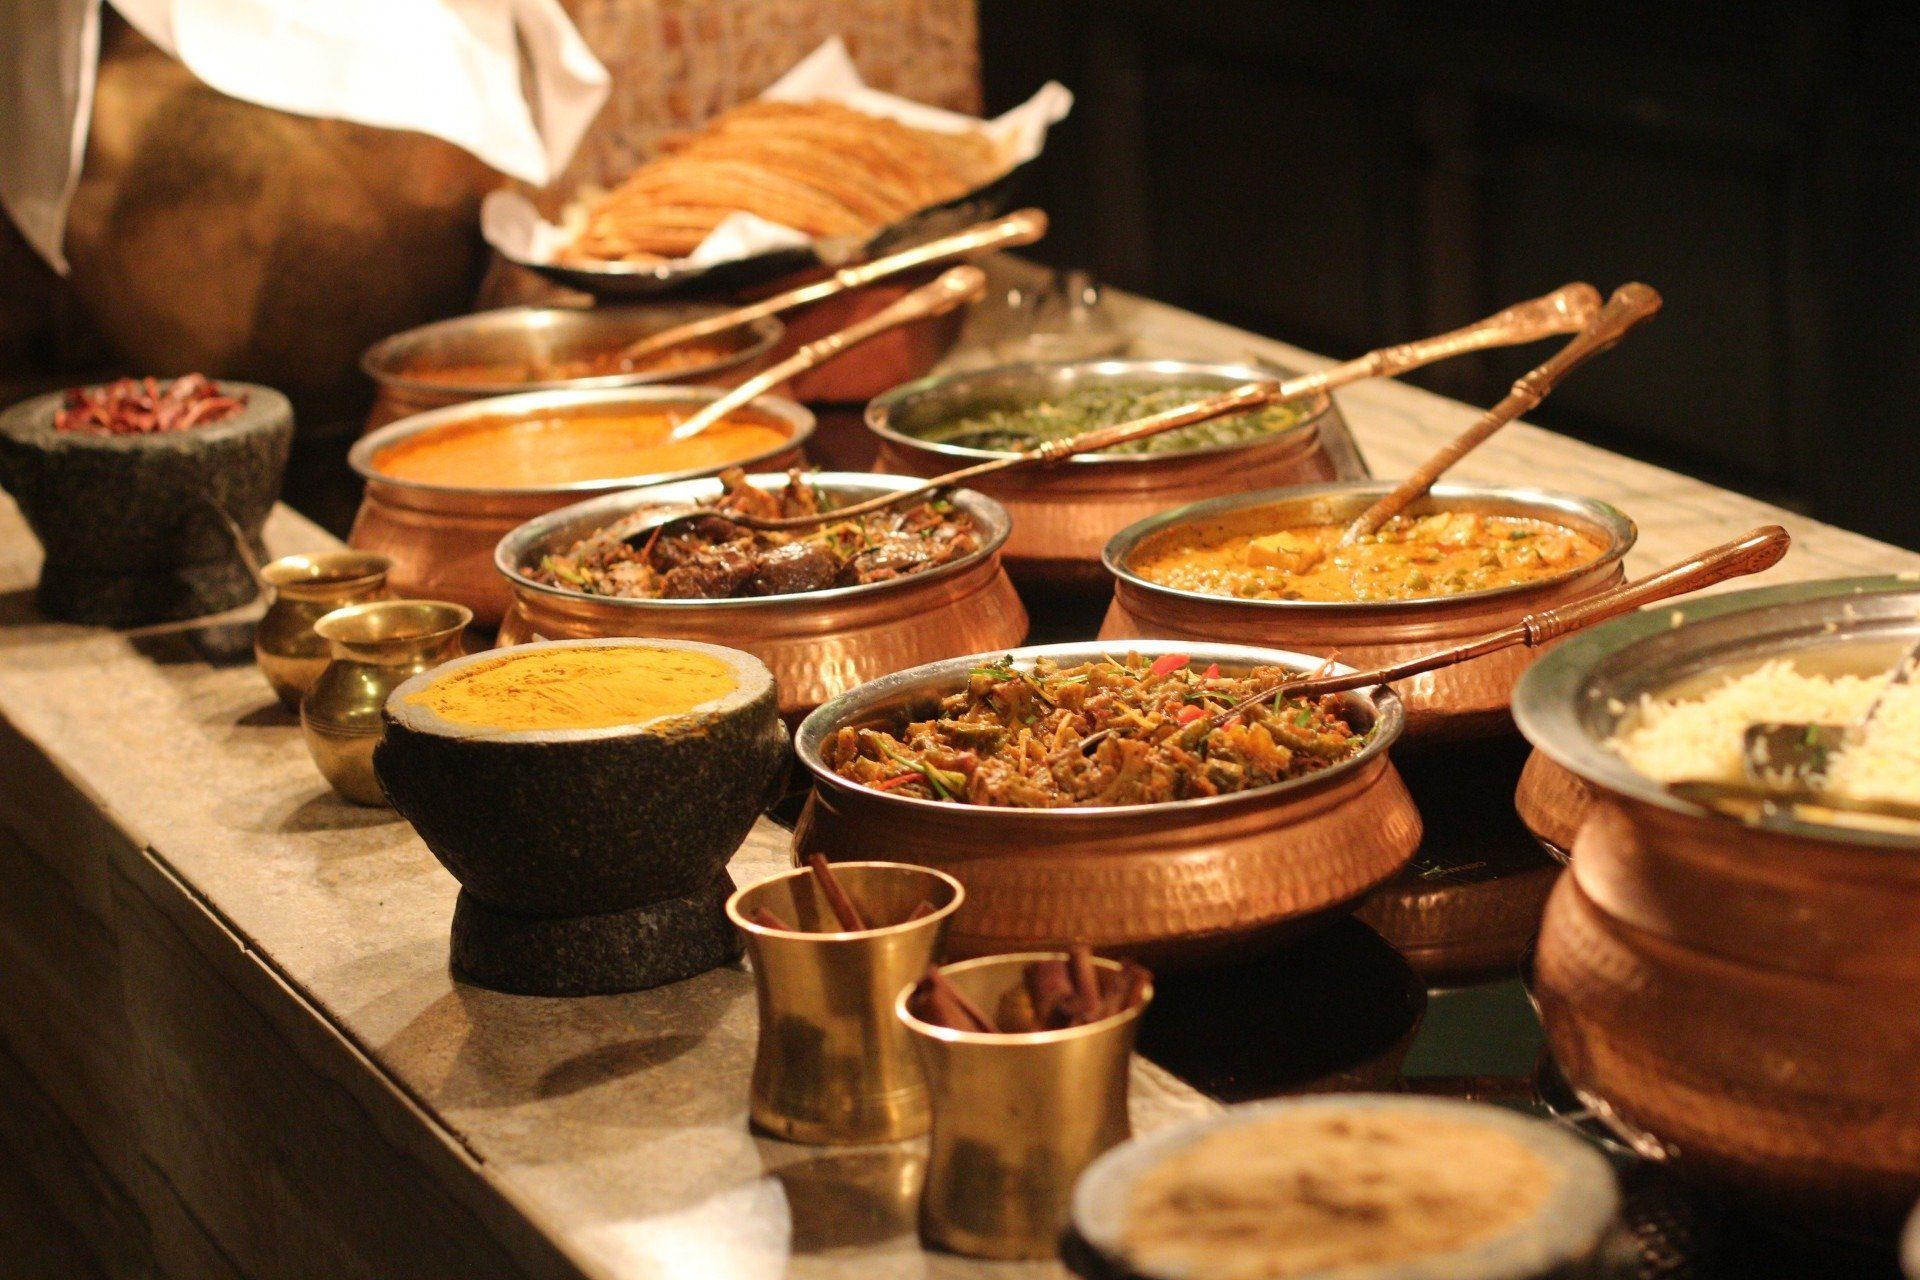 List of top 11 best restaurants in Little India Toronto